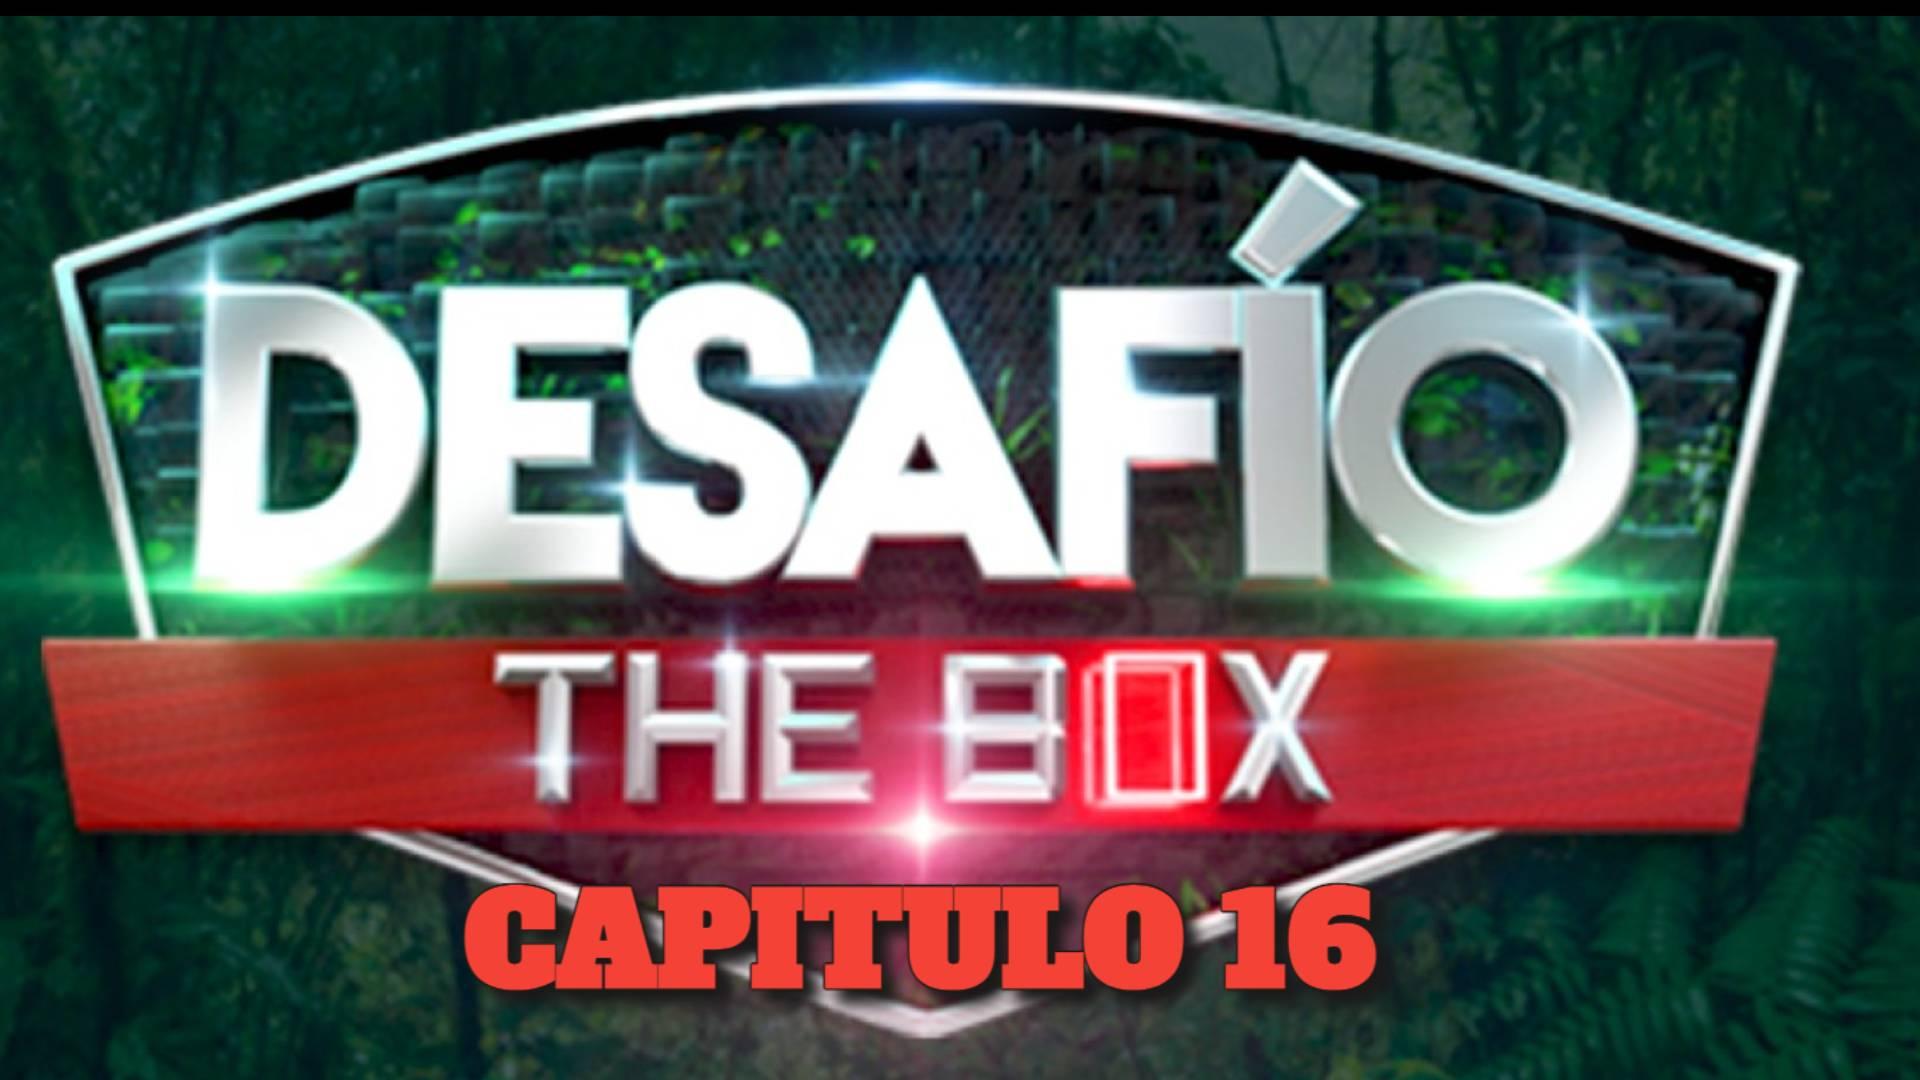 Desafio The Box 2021 CAPITULO 16